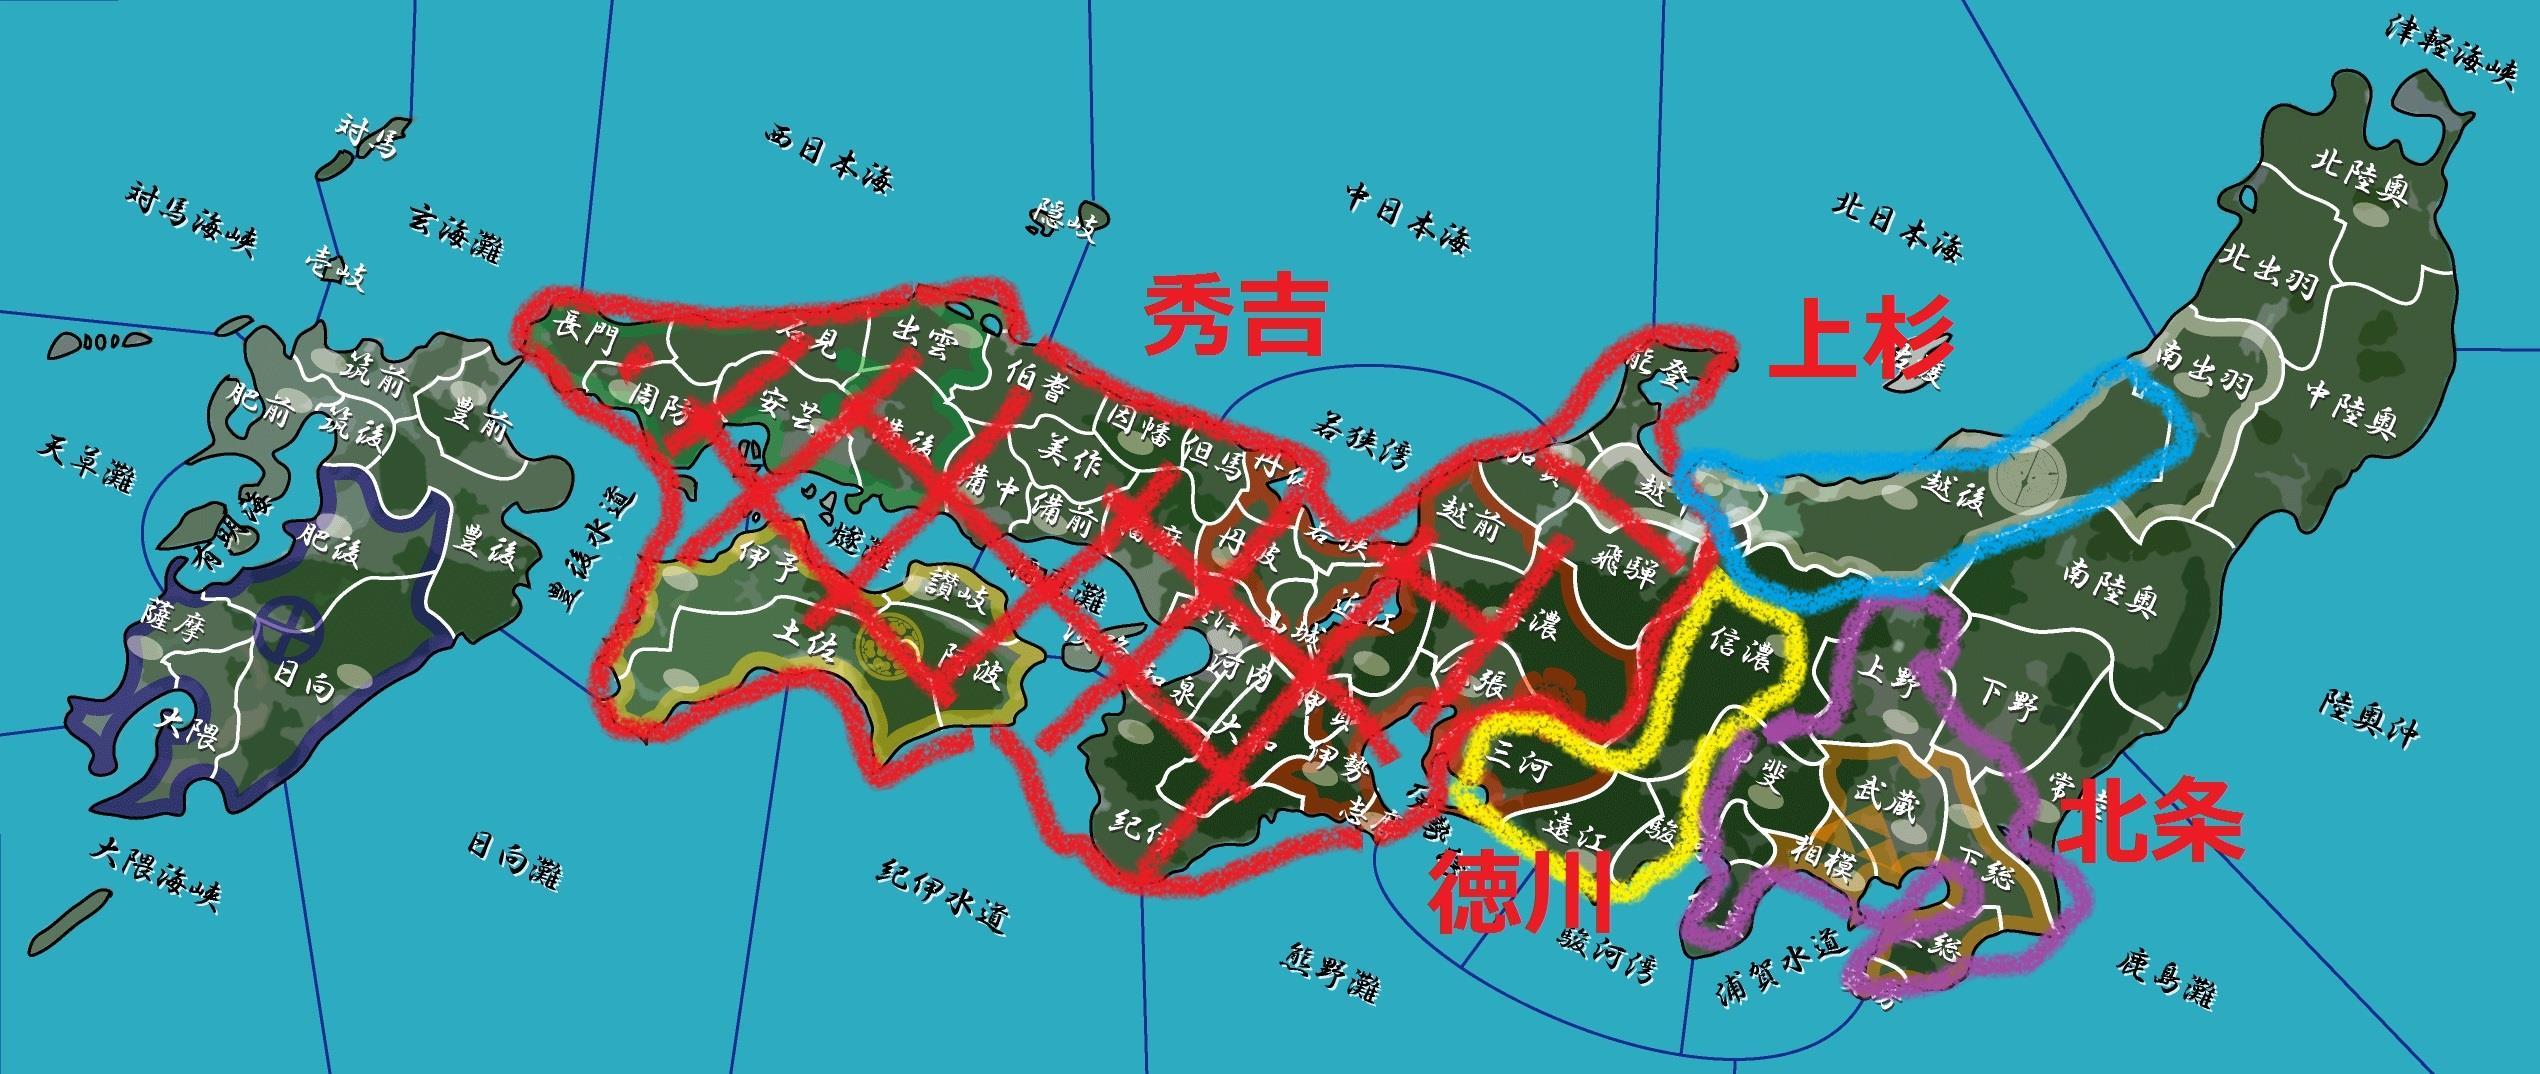 当時の関東の状況 地図